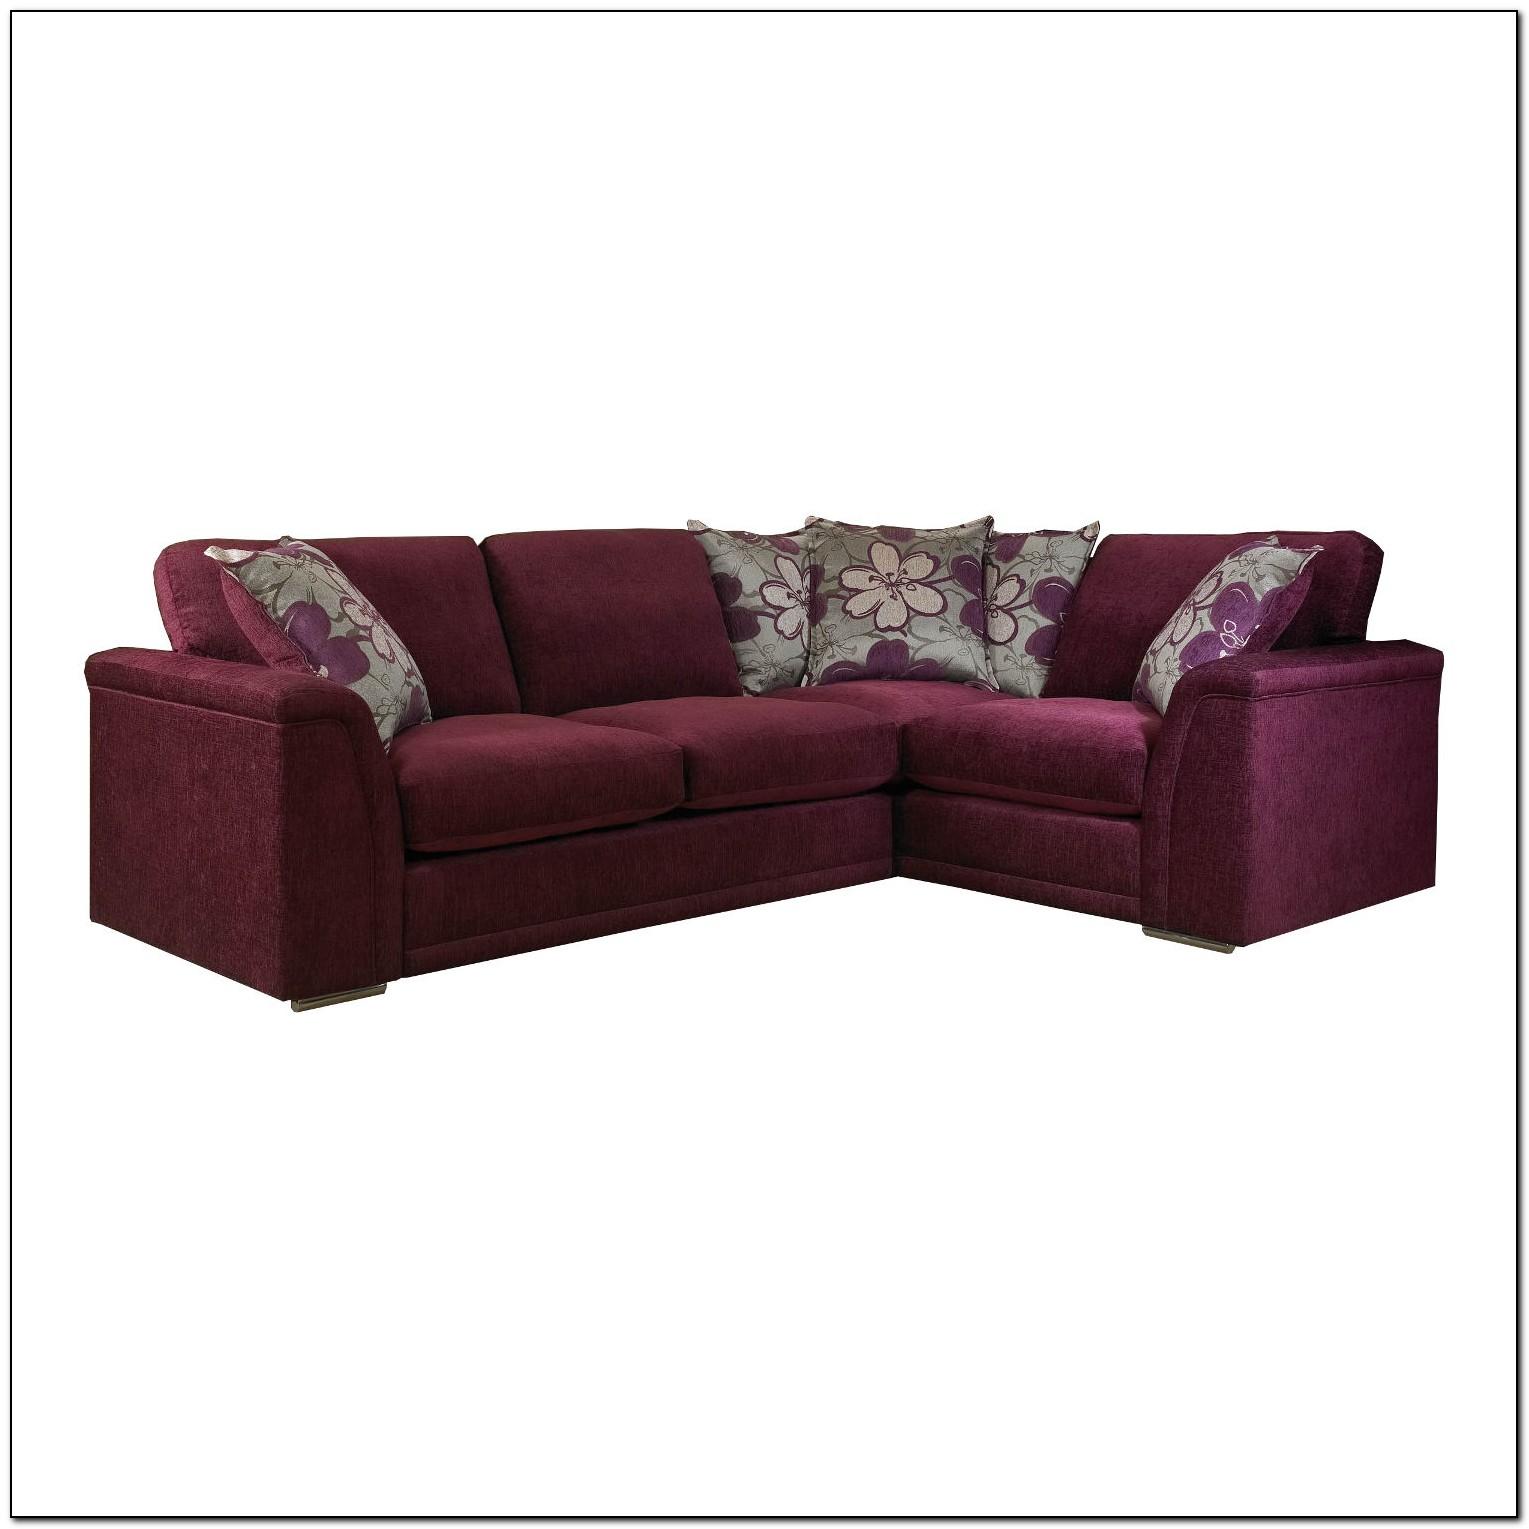 high back sofas living room furniture download page home. Black Bedroom Furniture Sets. Home Design Ideas